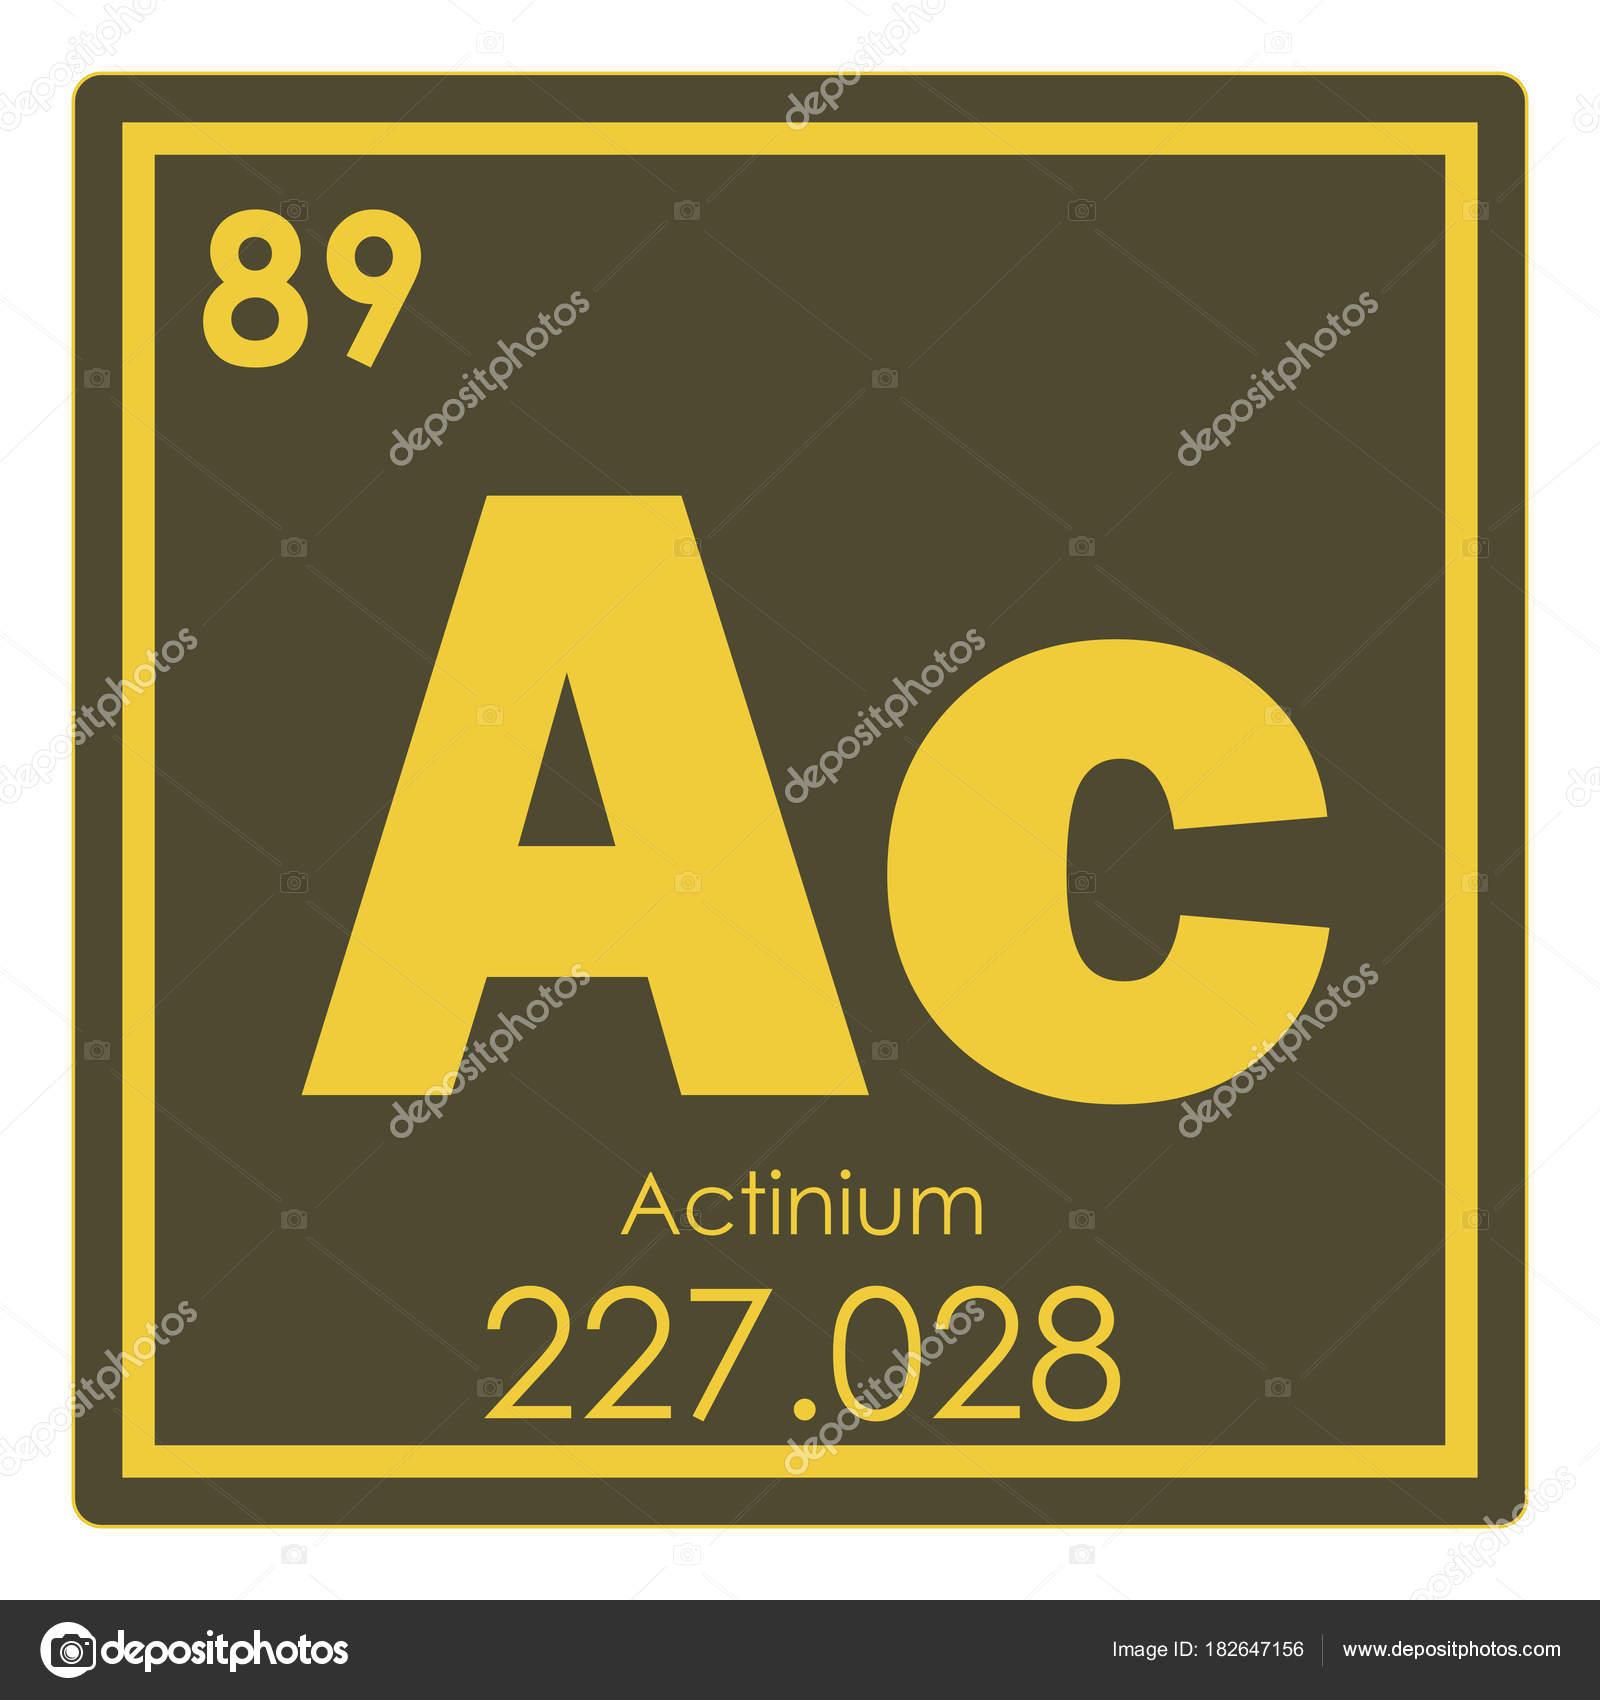 アクチニウム元素記号 — ストッ...